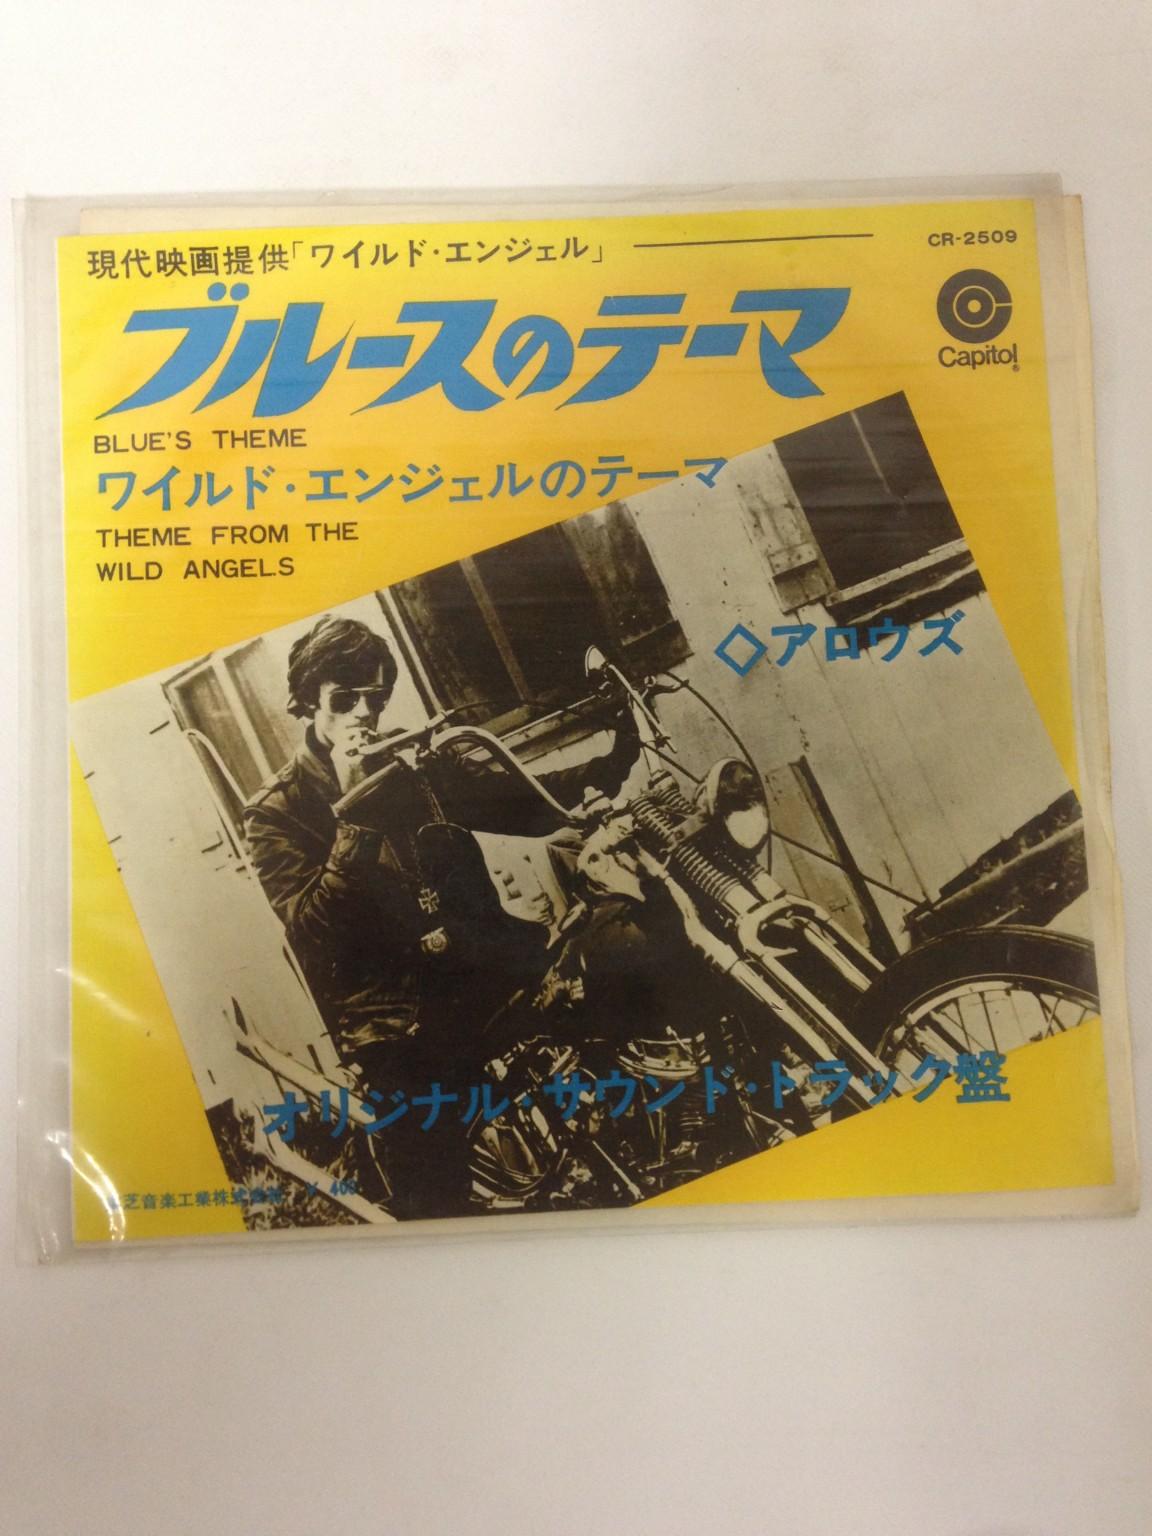 レア盤レコード買取